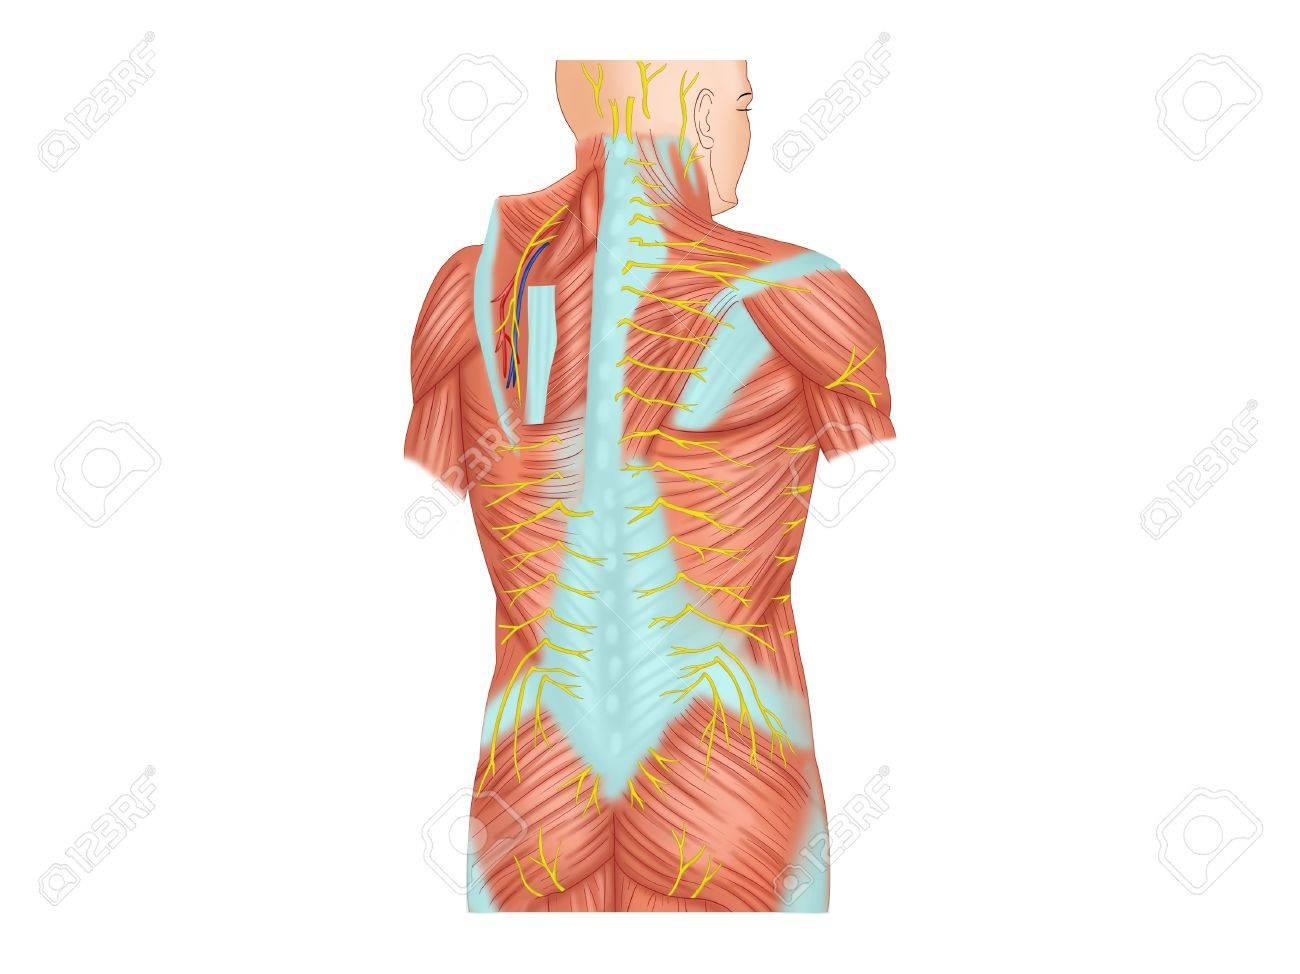 Atemberaubend Dorsale Menschliche Anatomie Ideen - Anatomie Ideen ...